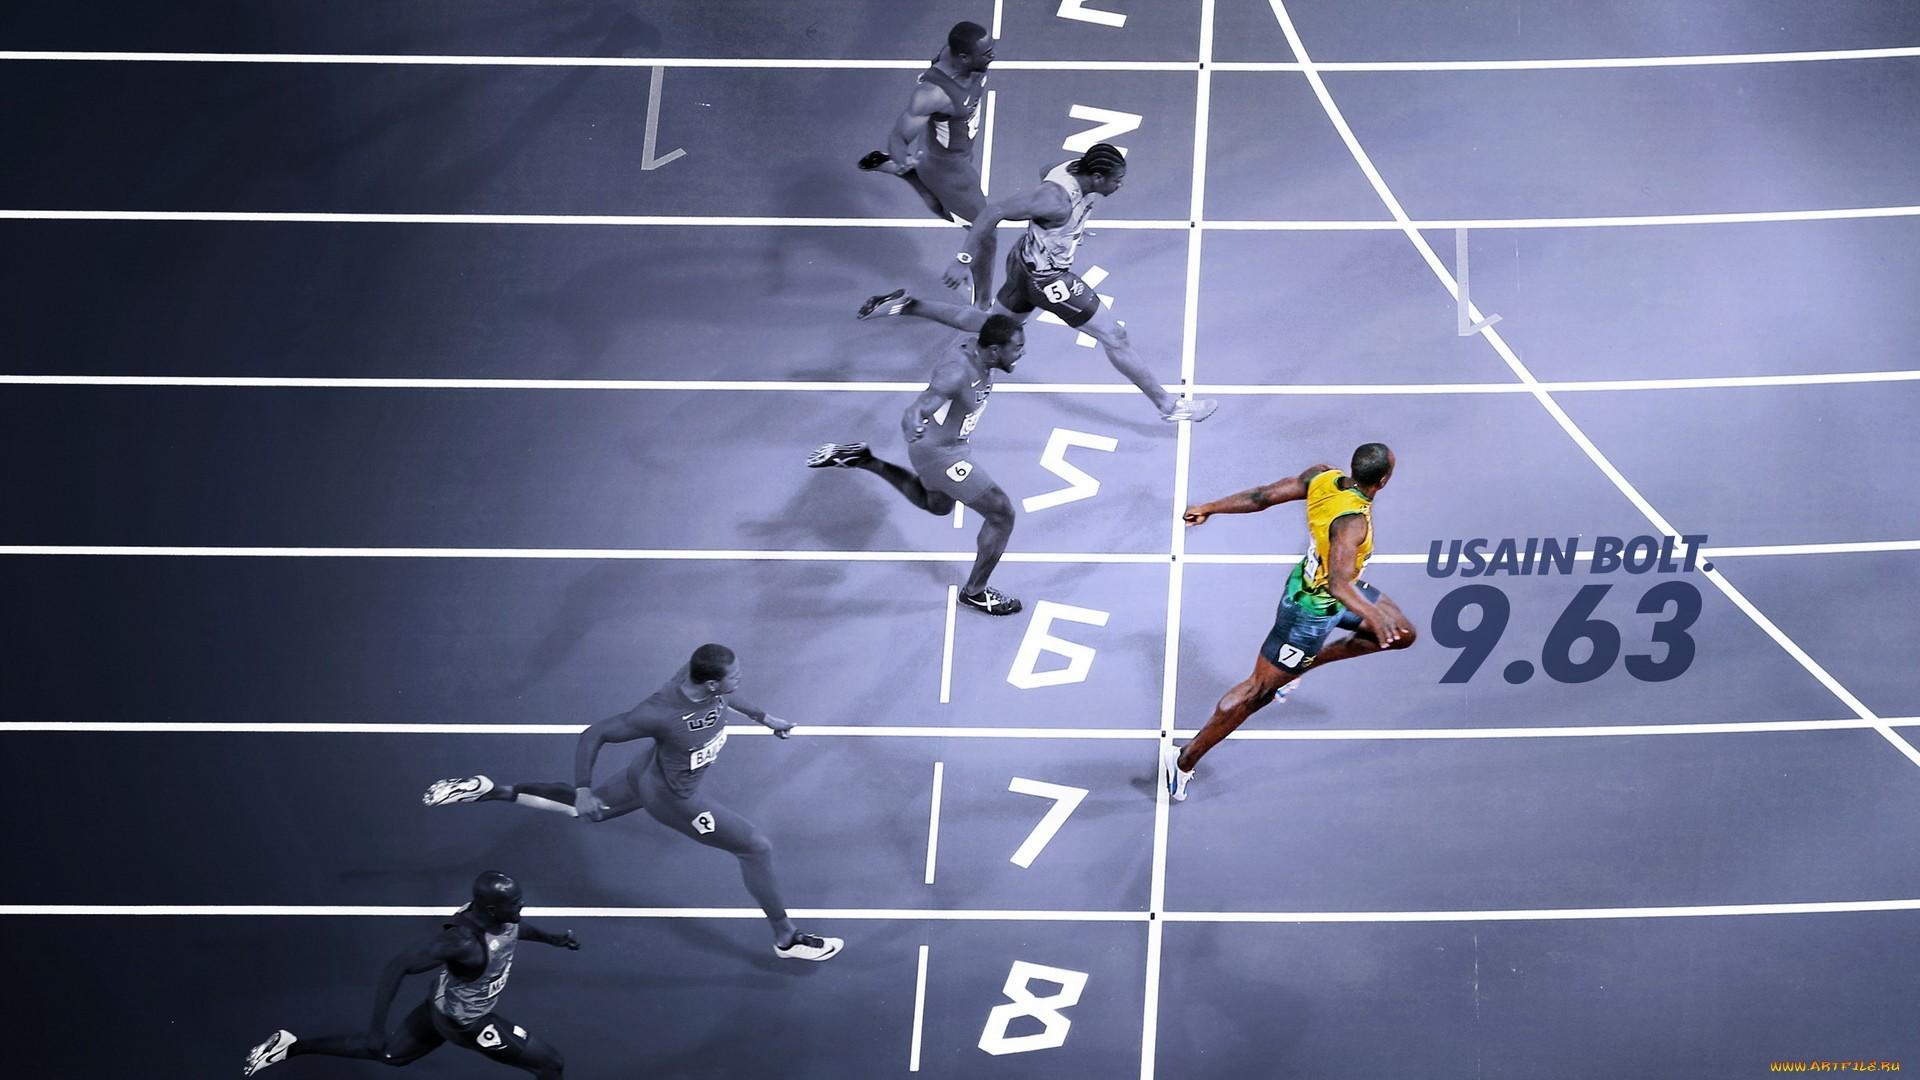 Usain Bolt Wallpapers 5